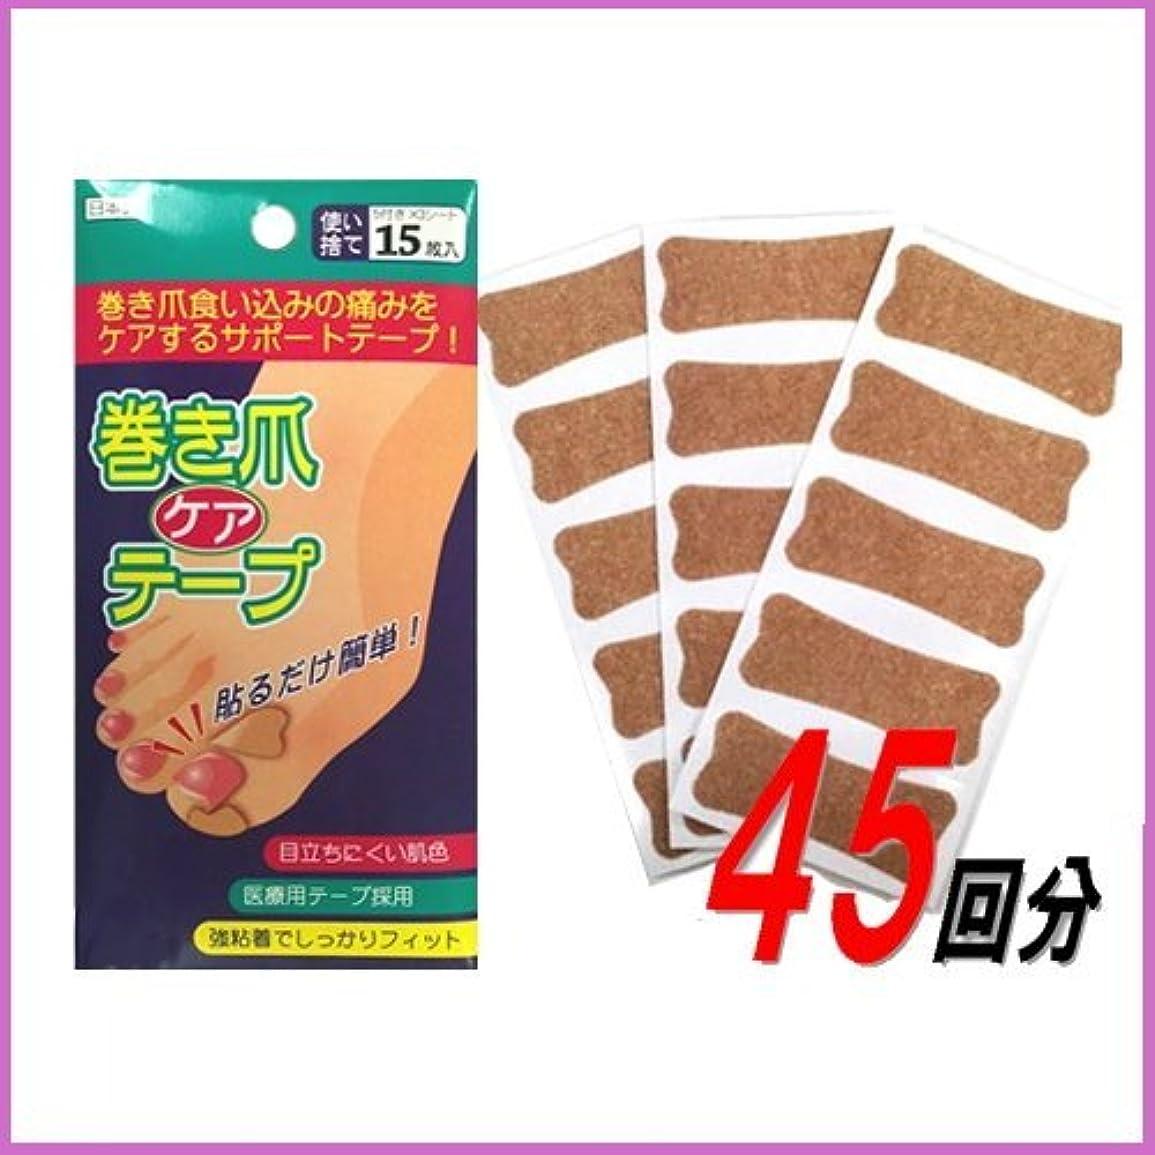 荒れ地プラットフォーム突き刺す巻き爪 テープ 3個セット ブロック ケア テーピング 日本製